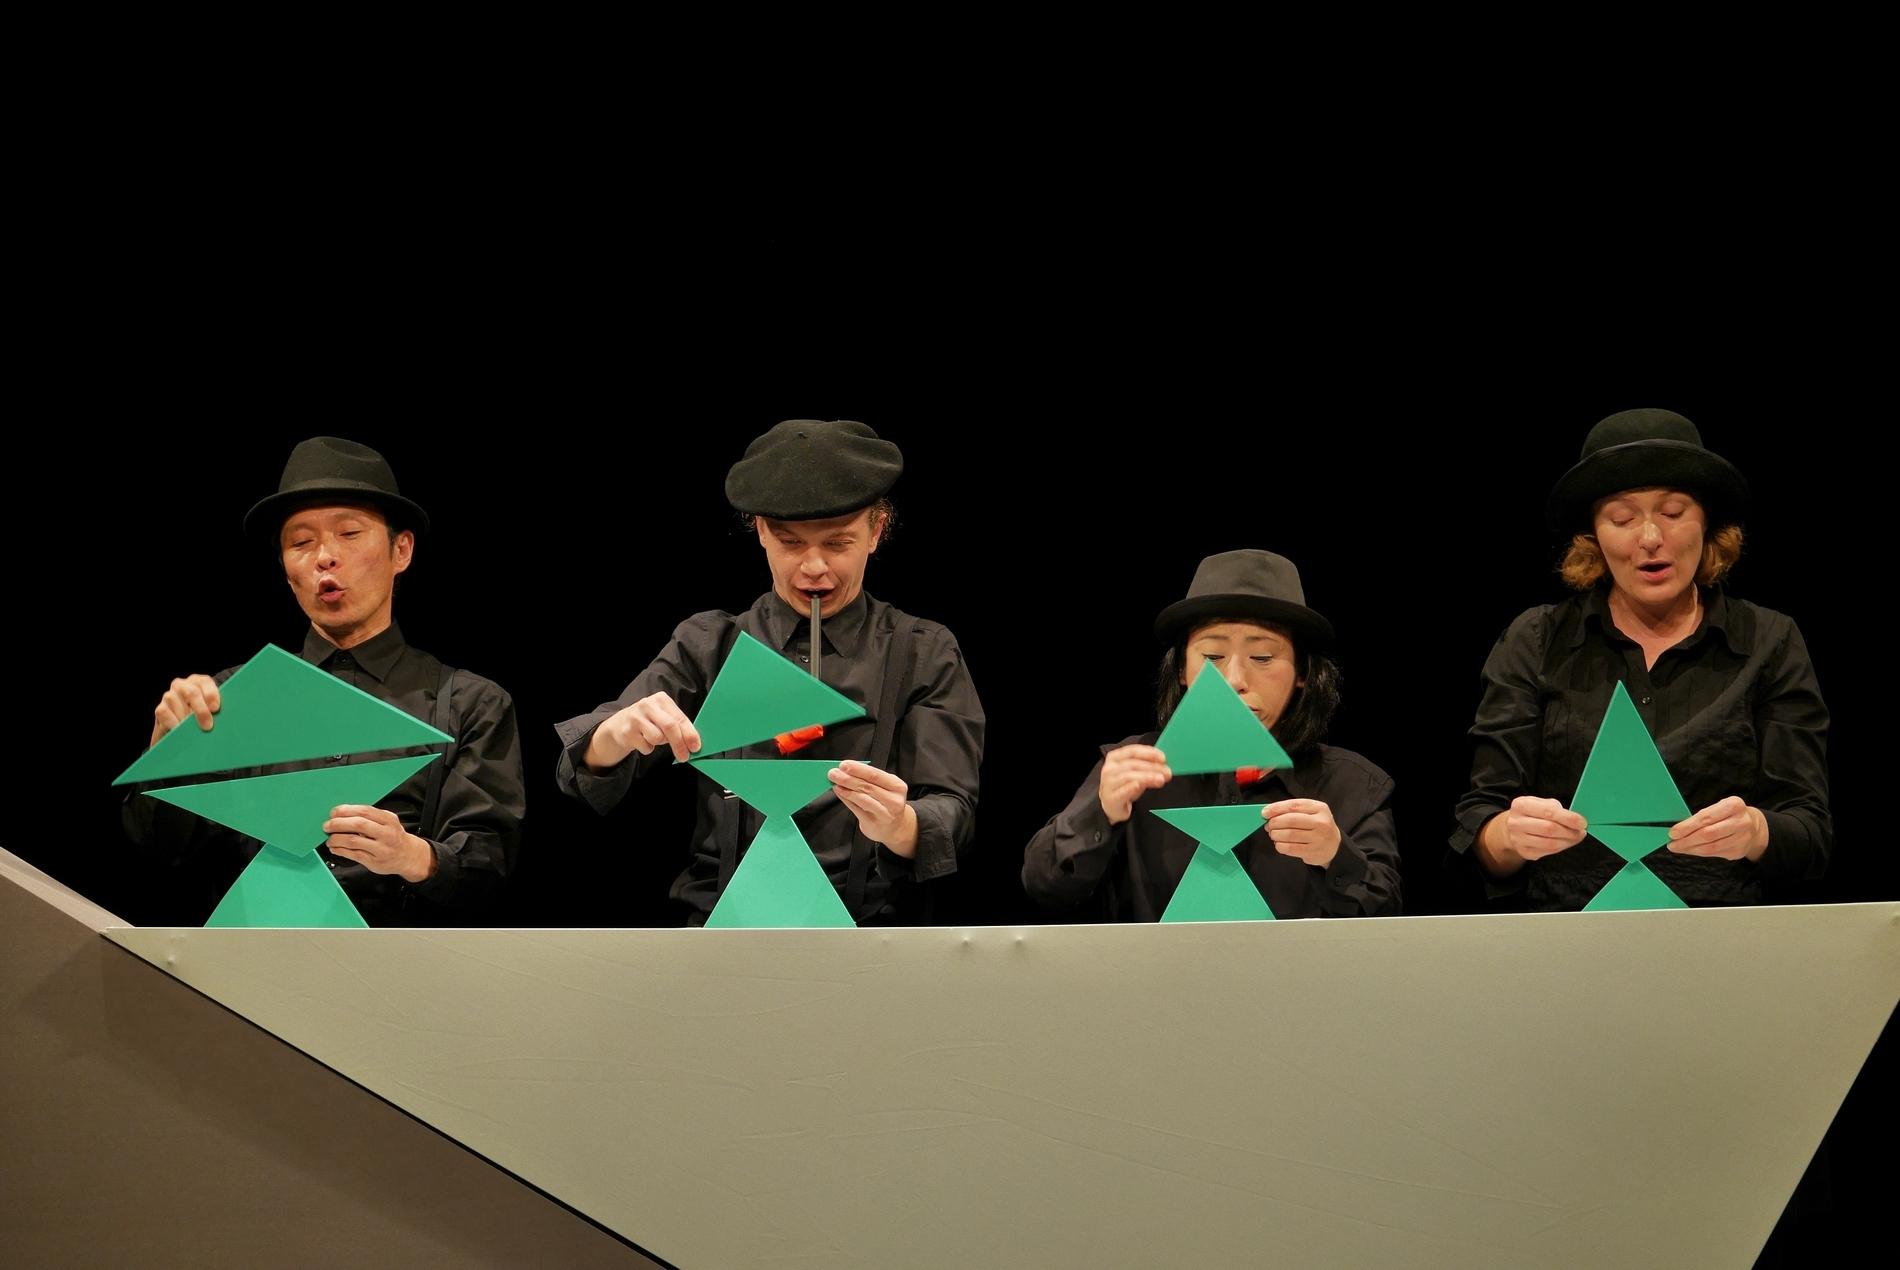 """""""Pory roku"""", fot. Katsumi Kitabayashi (źródło: materiały prasowe organizatora)"""